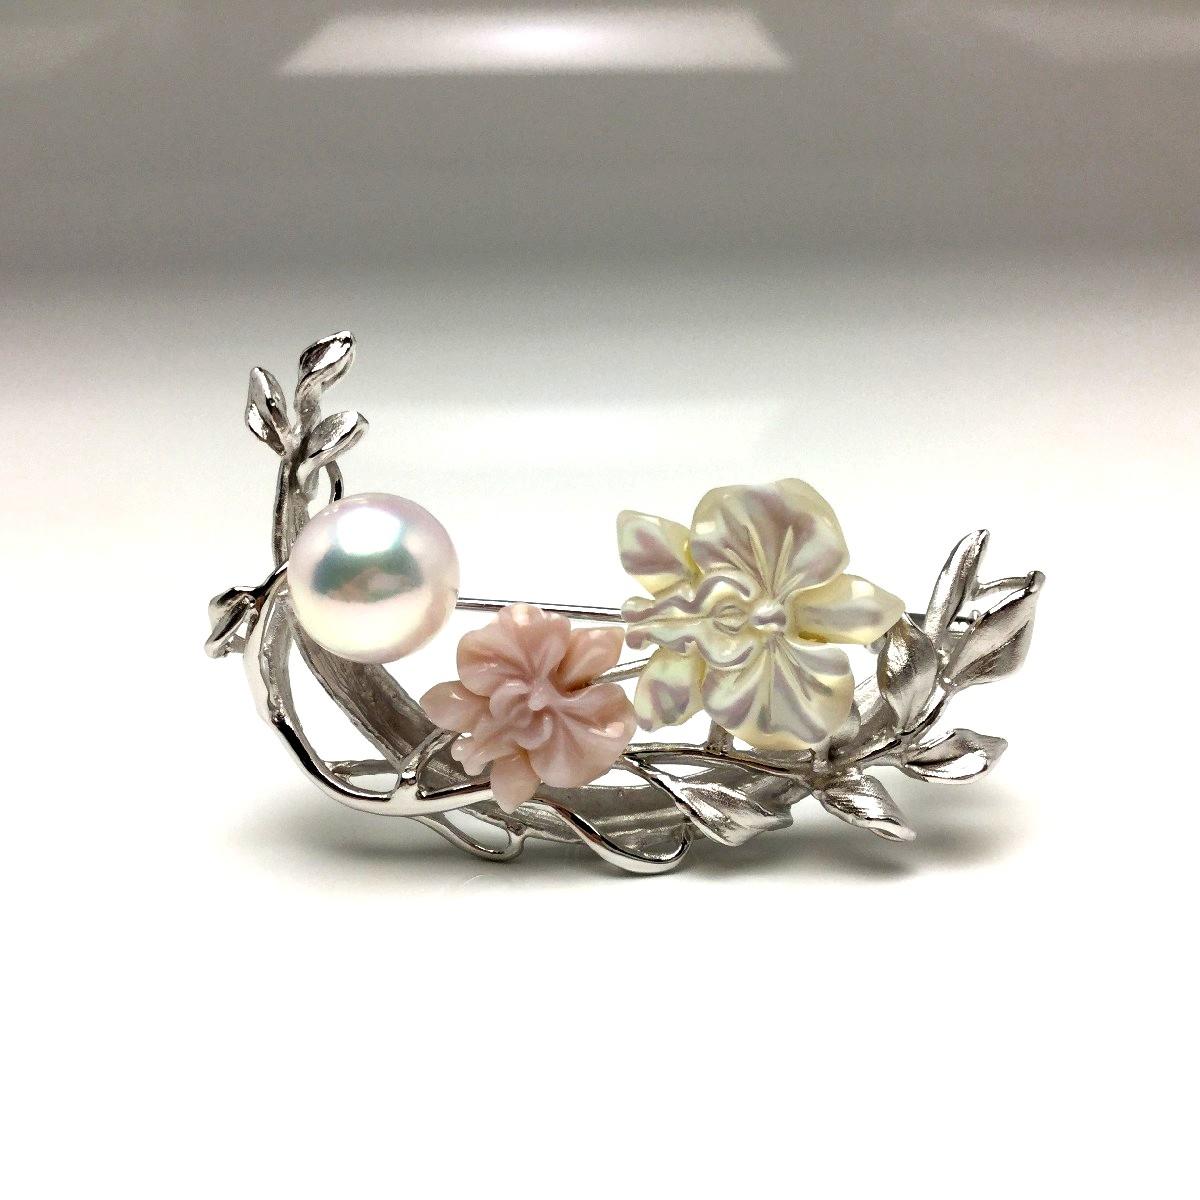 真珠 ブローチ パール アコヤ真珠 9.38mm ホワイトピンク シルバー シェル 植物 フラワー 66569 イソワパール